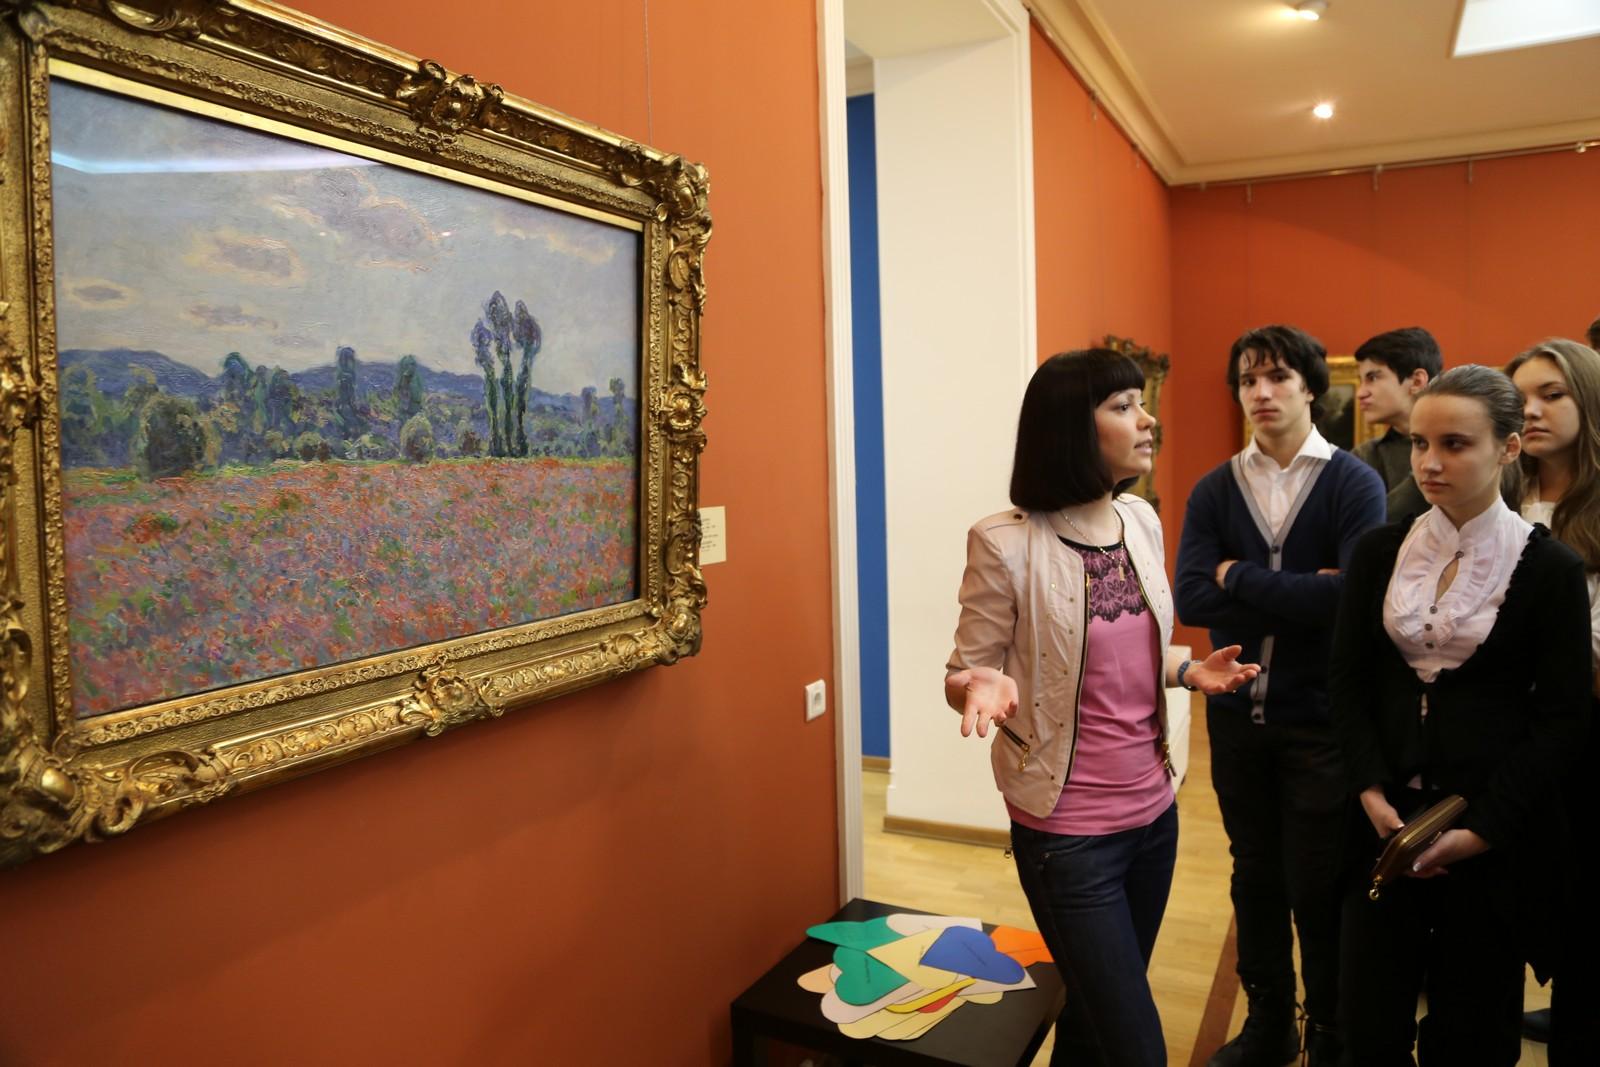 Центр «Эрмитаж-Казань», экскурсия по выставке «Импрессионисты и их эпоха»